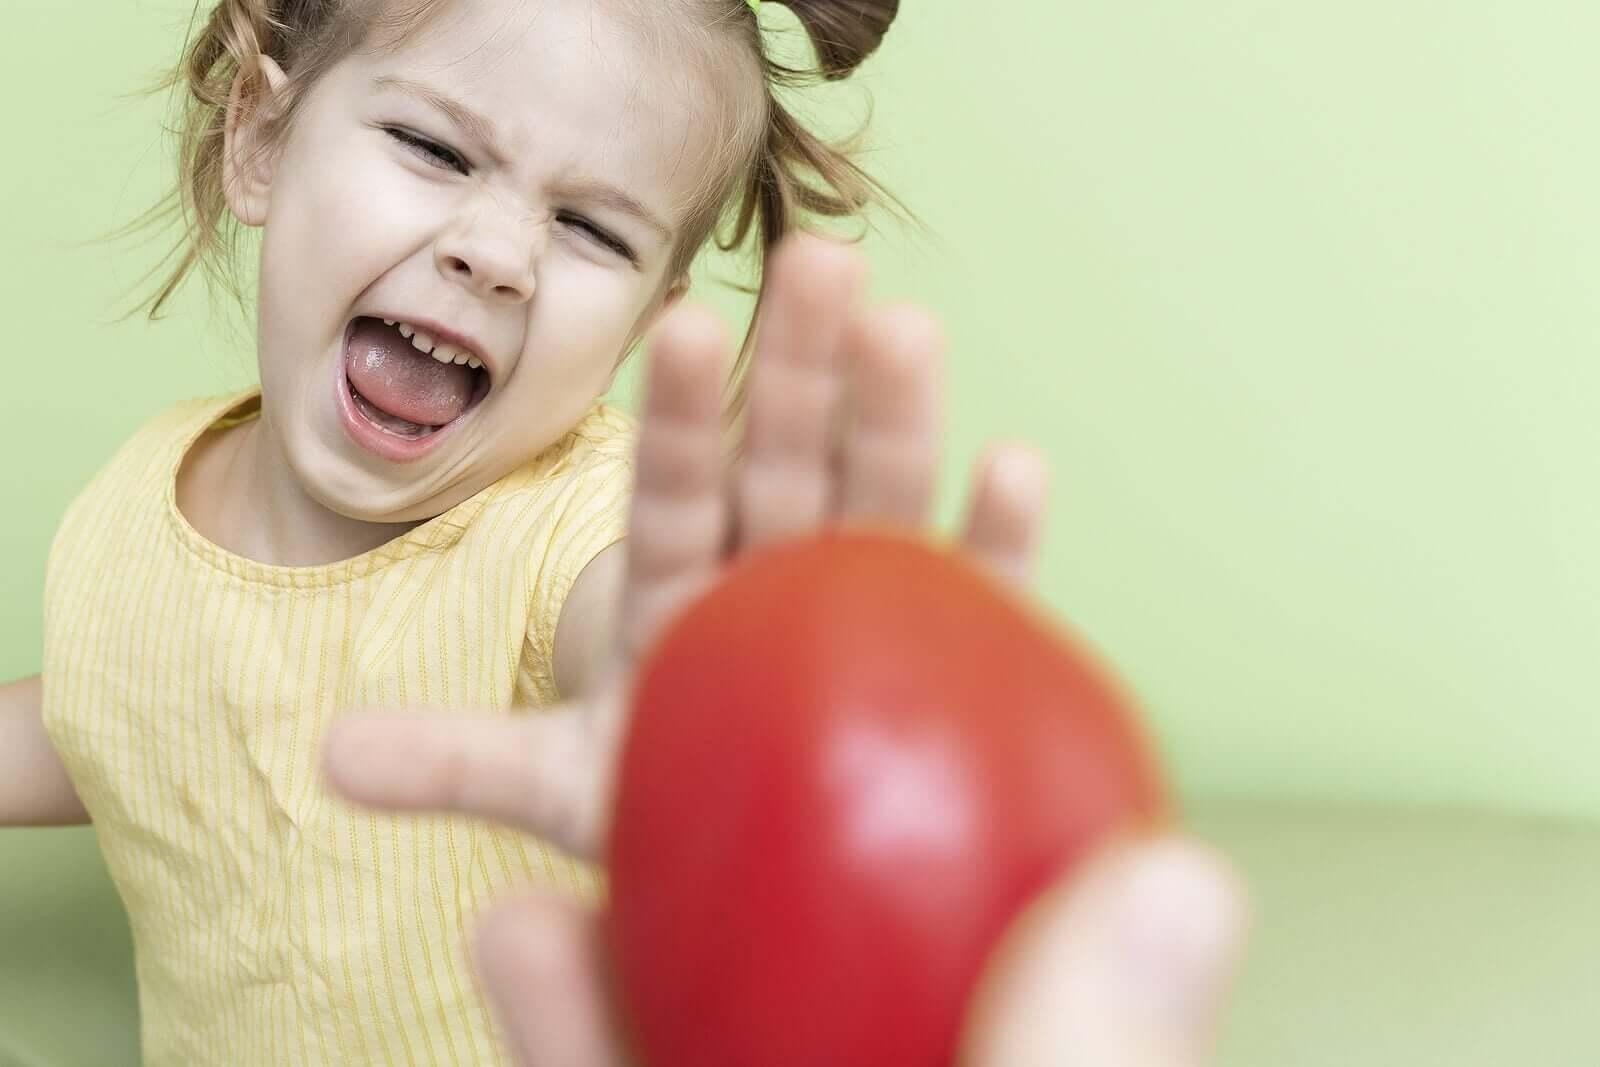 meyve yemek istemeyen çocuk